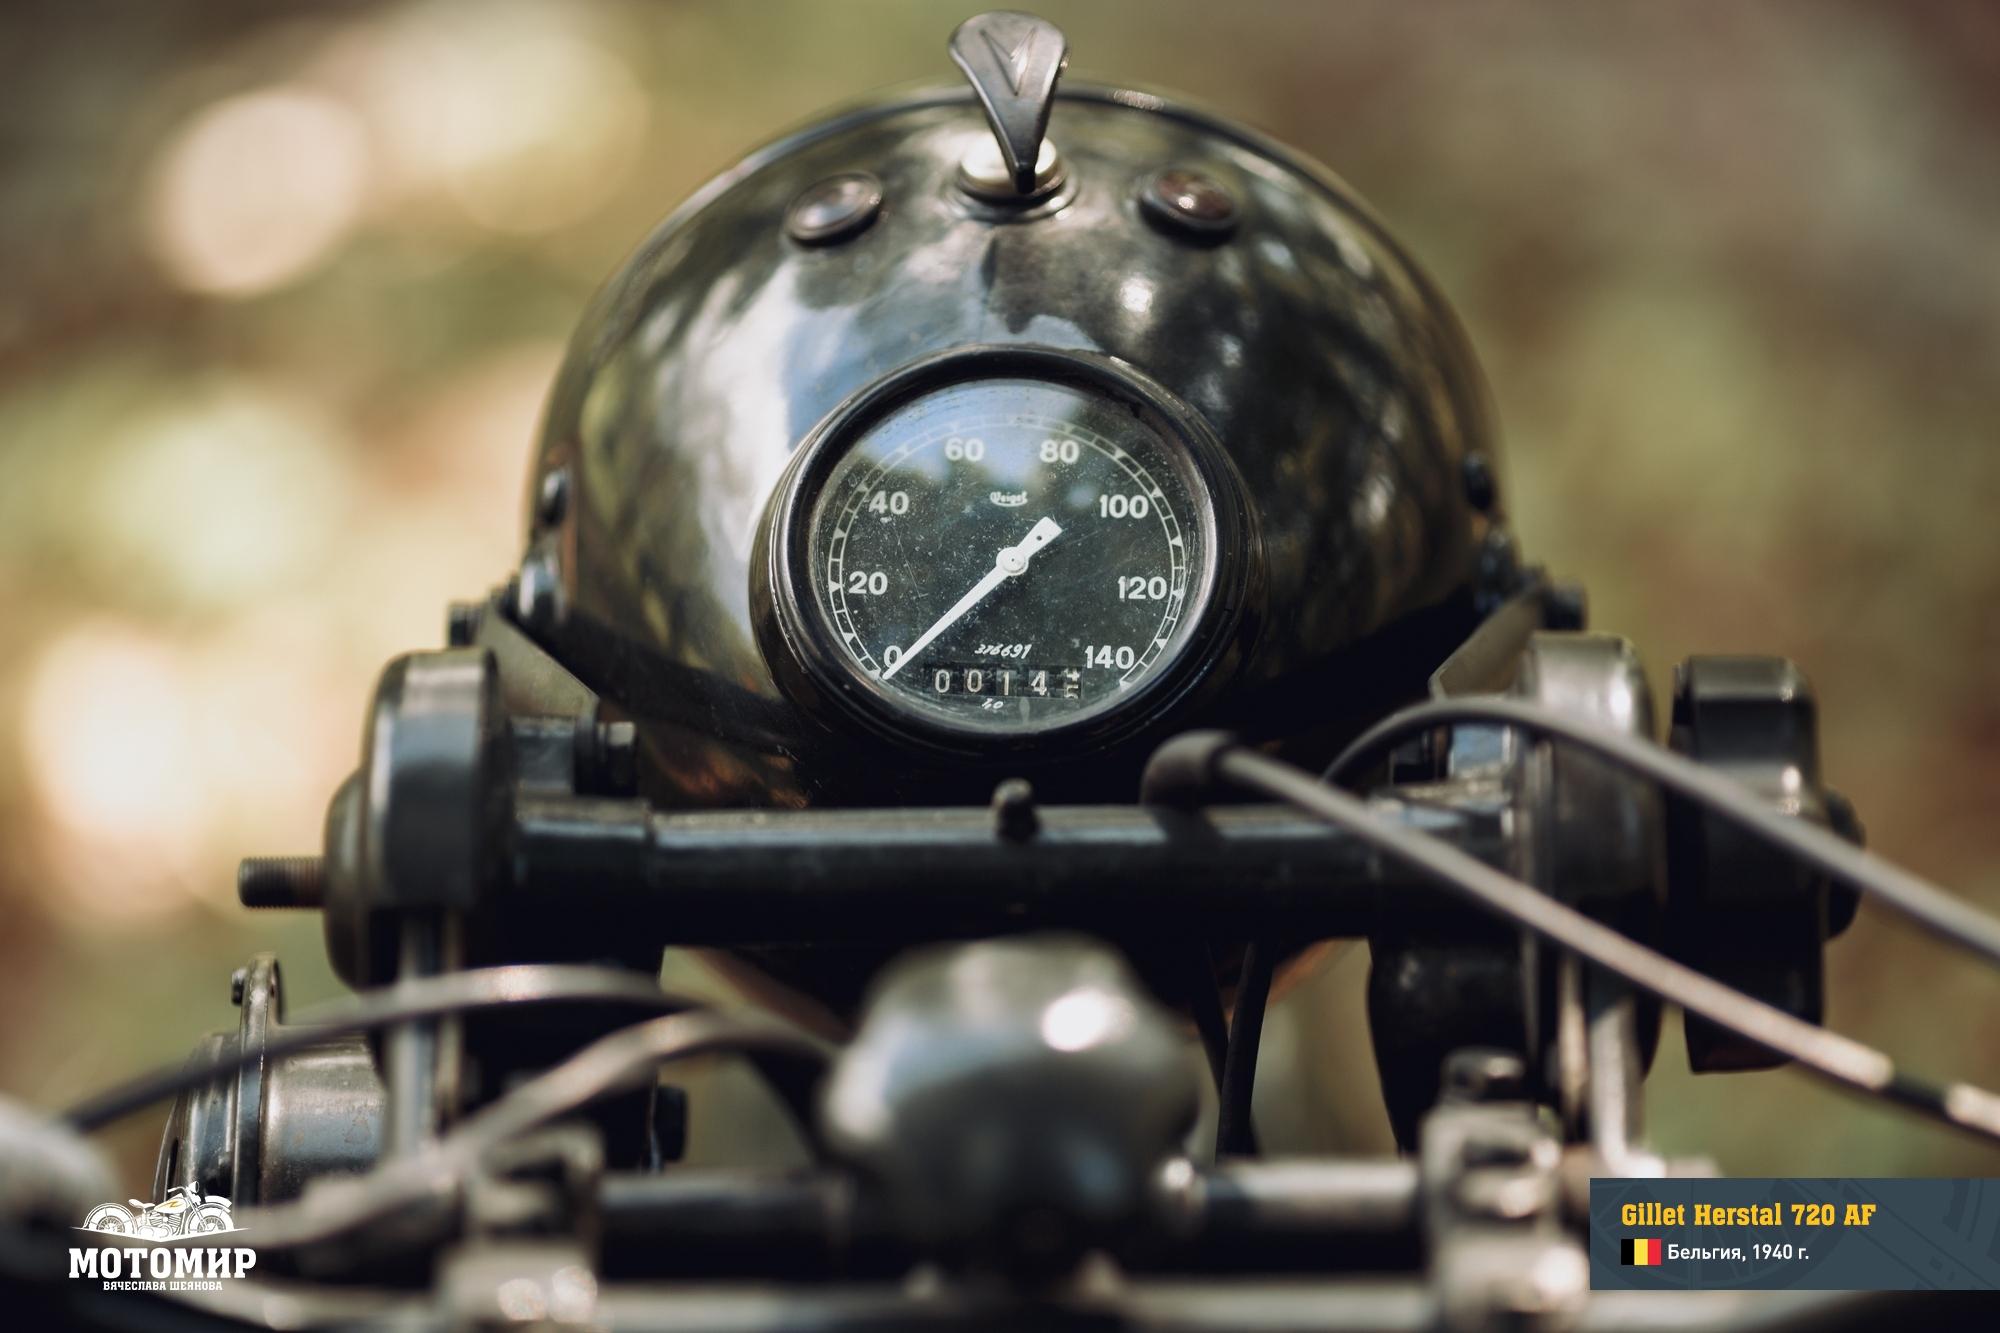 gillet-herstal-720-af-201505-web-16